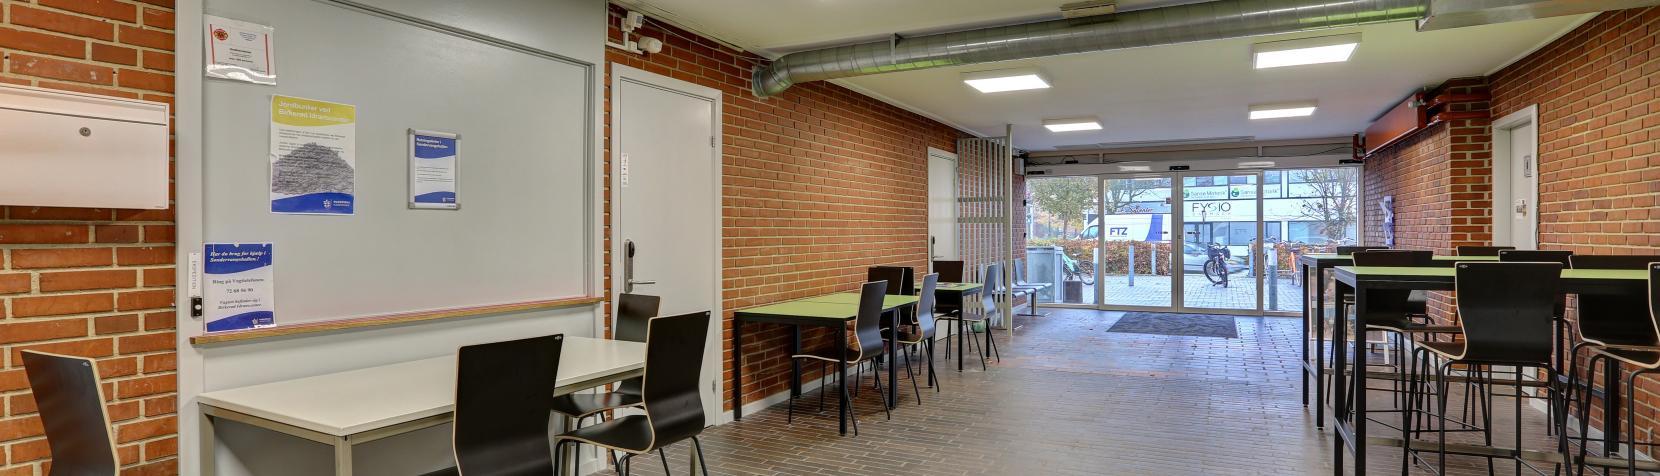 Foto: Søndervangshallen - foyer